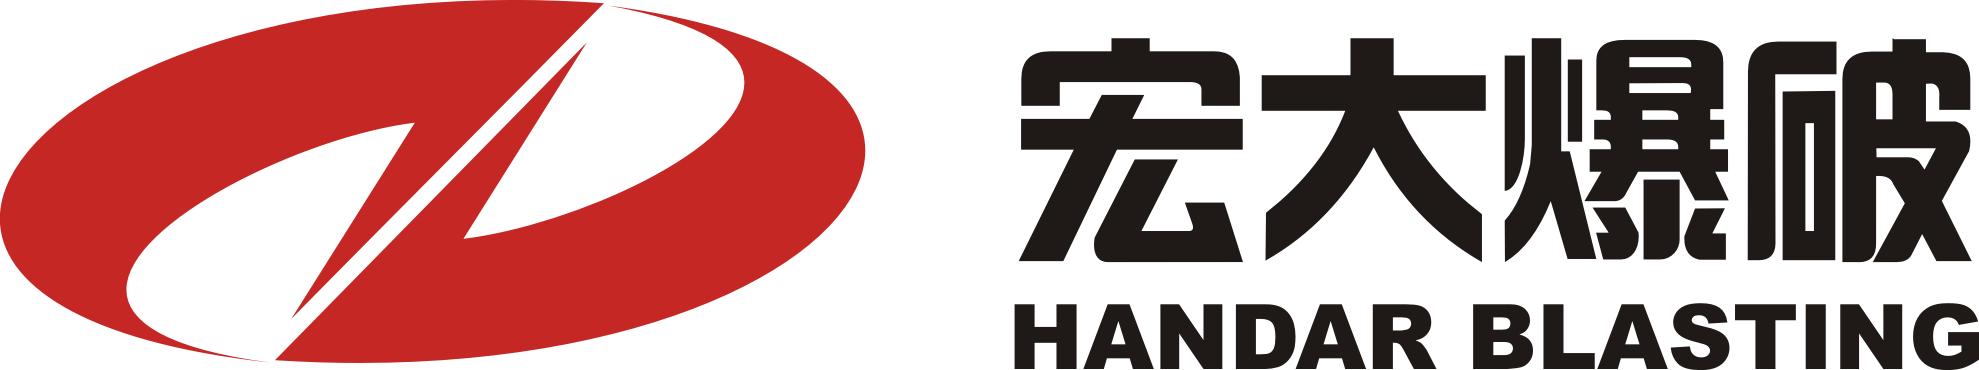 广东宏大爆破股份有限公司